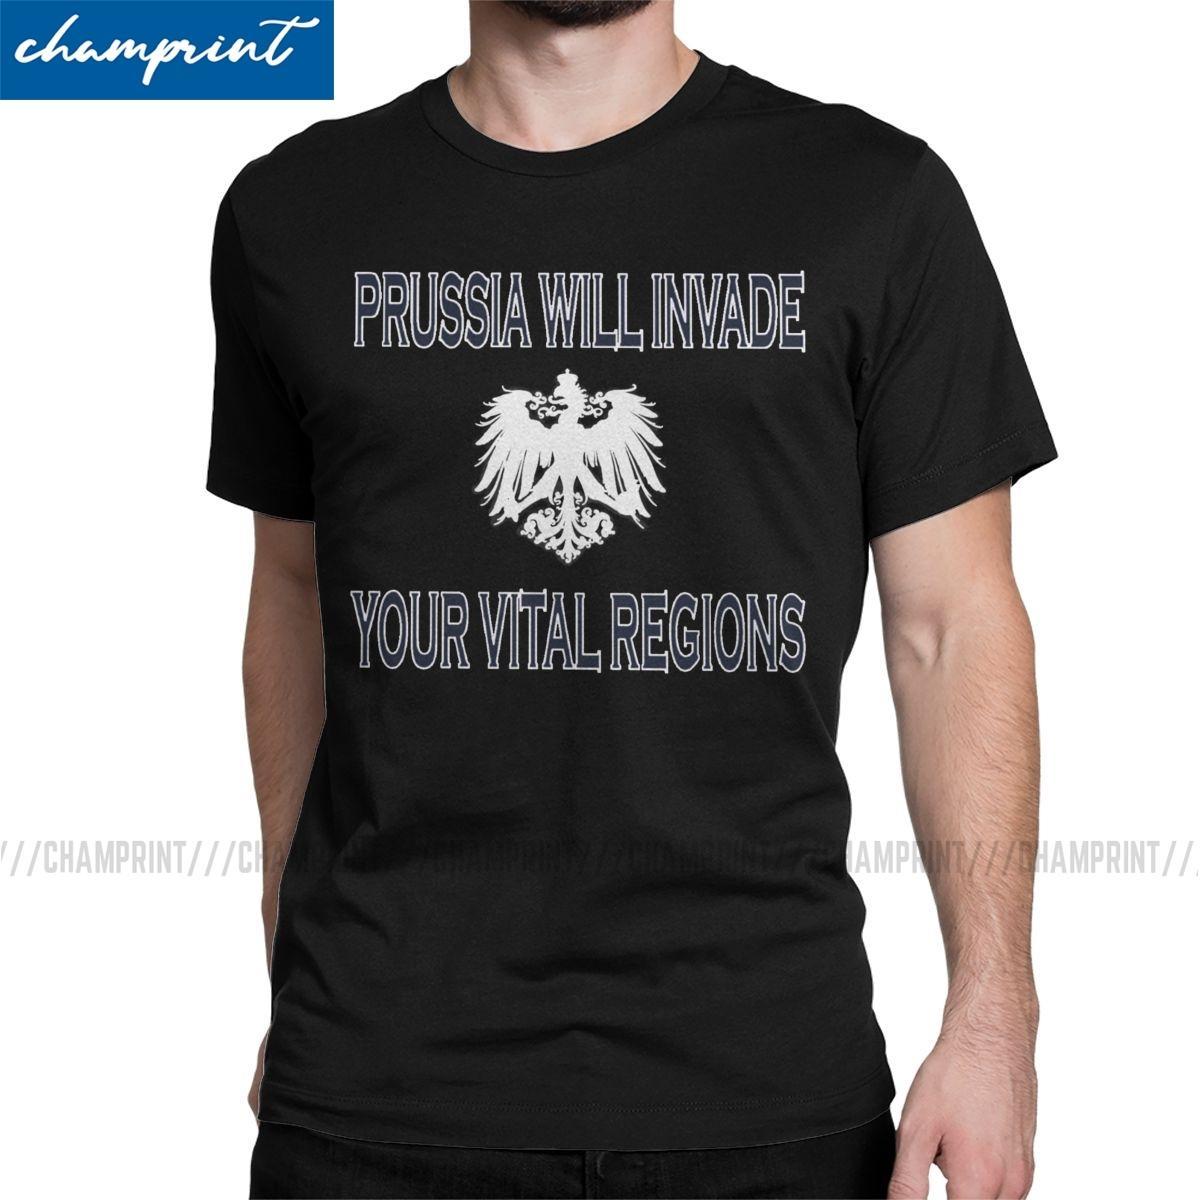 2019 T-shirt Vital Regiões Moda para Homens Cotton Camisetas Axis Powers Hetalia Anime APH mundo t-shirt de aniversário roupa Presente